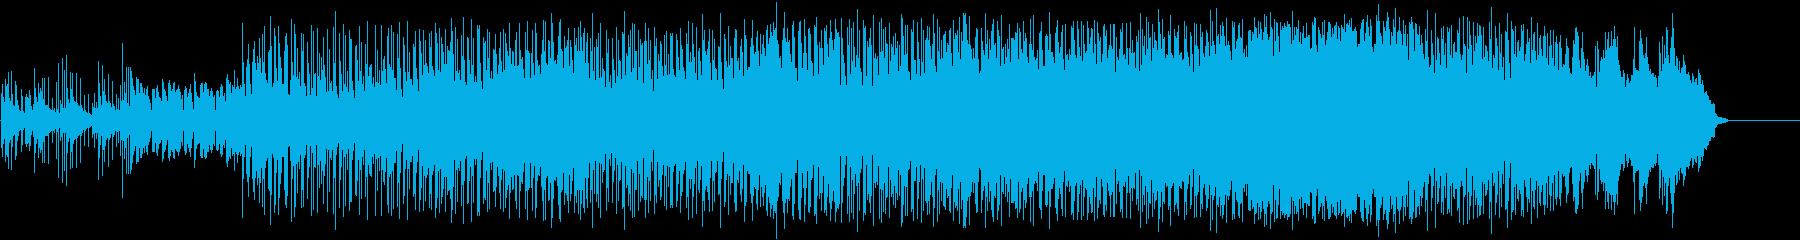 妖しげなポップ/ハウス/マイナーの再生済みの波形